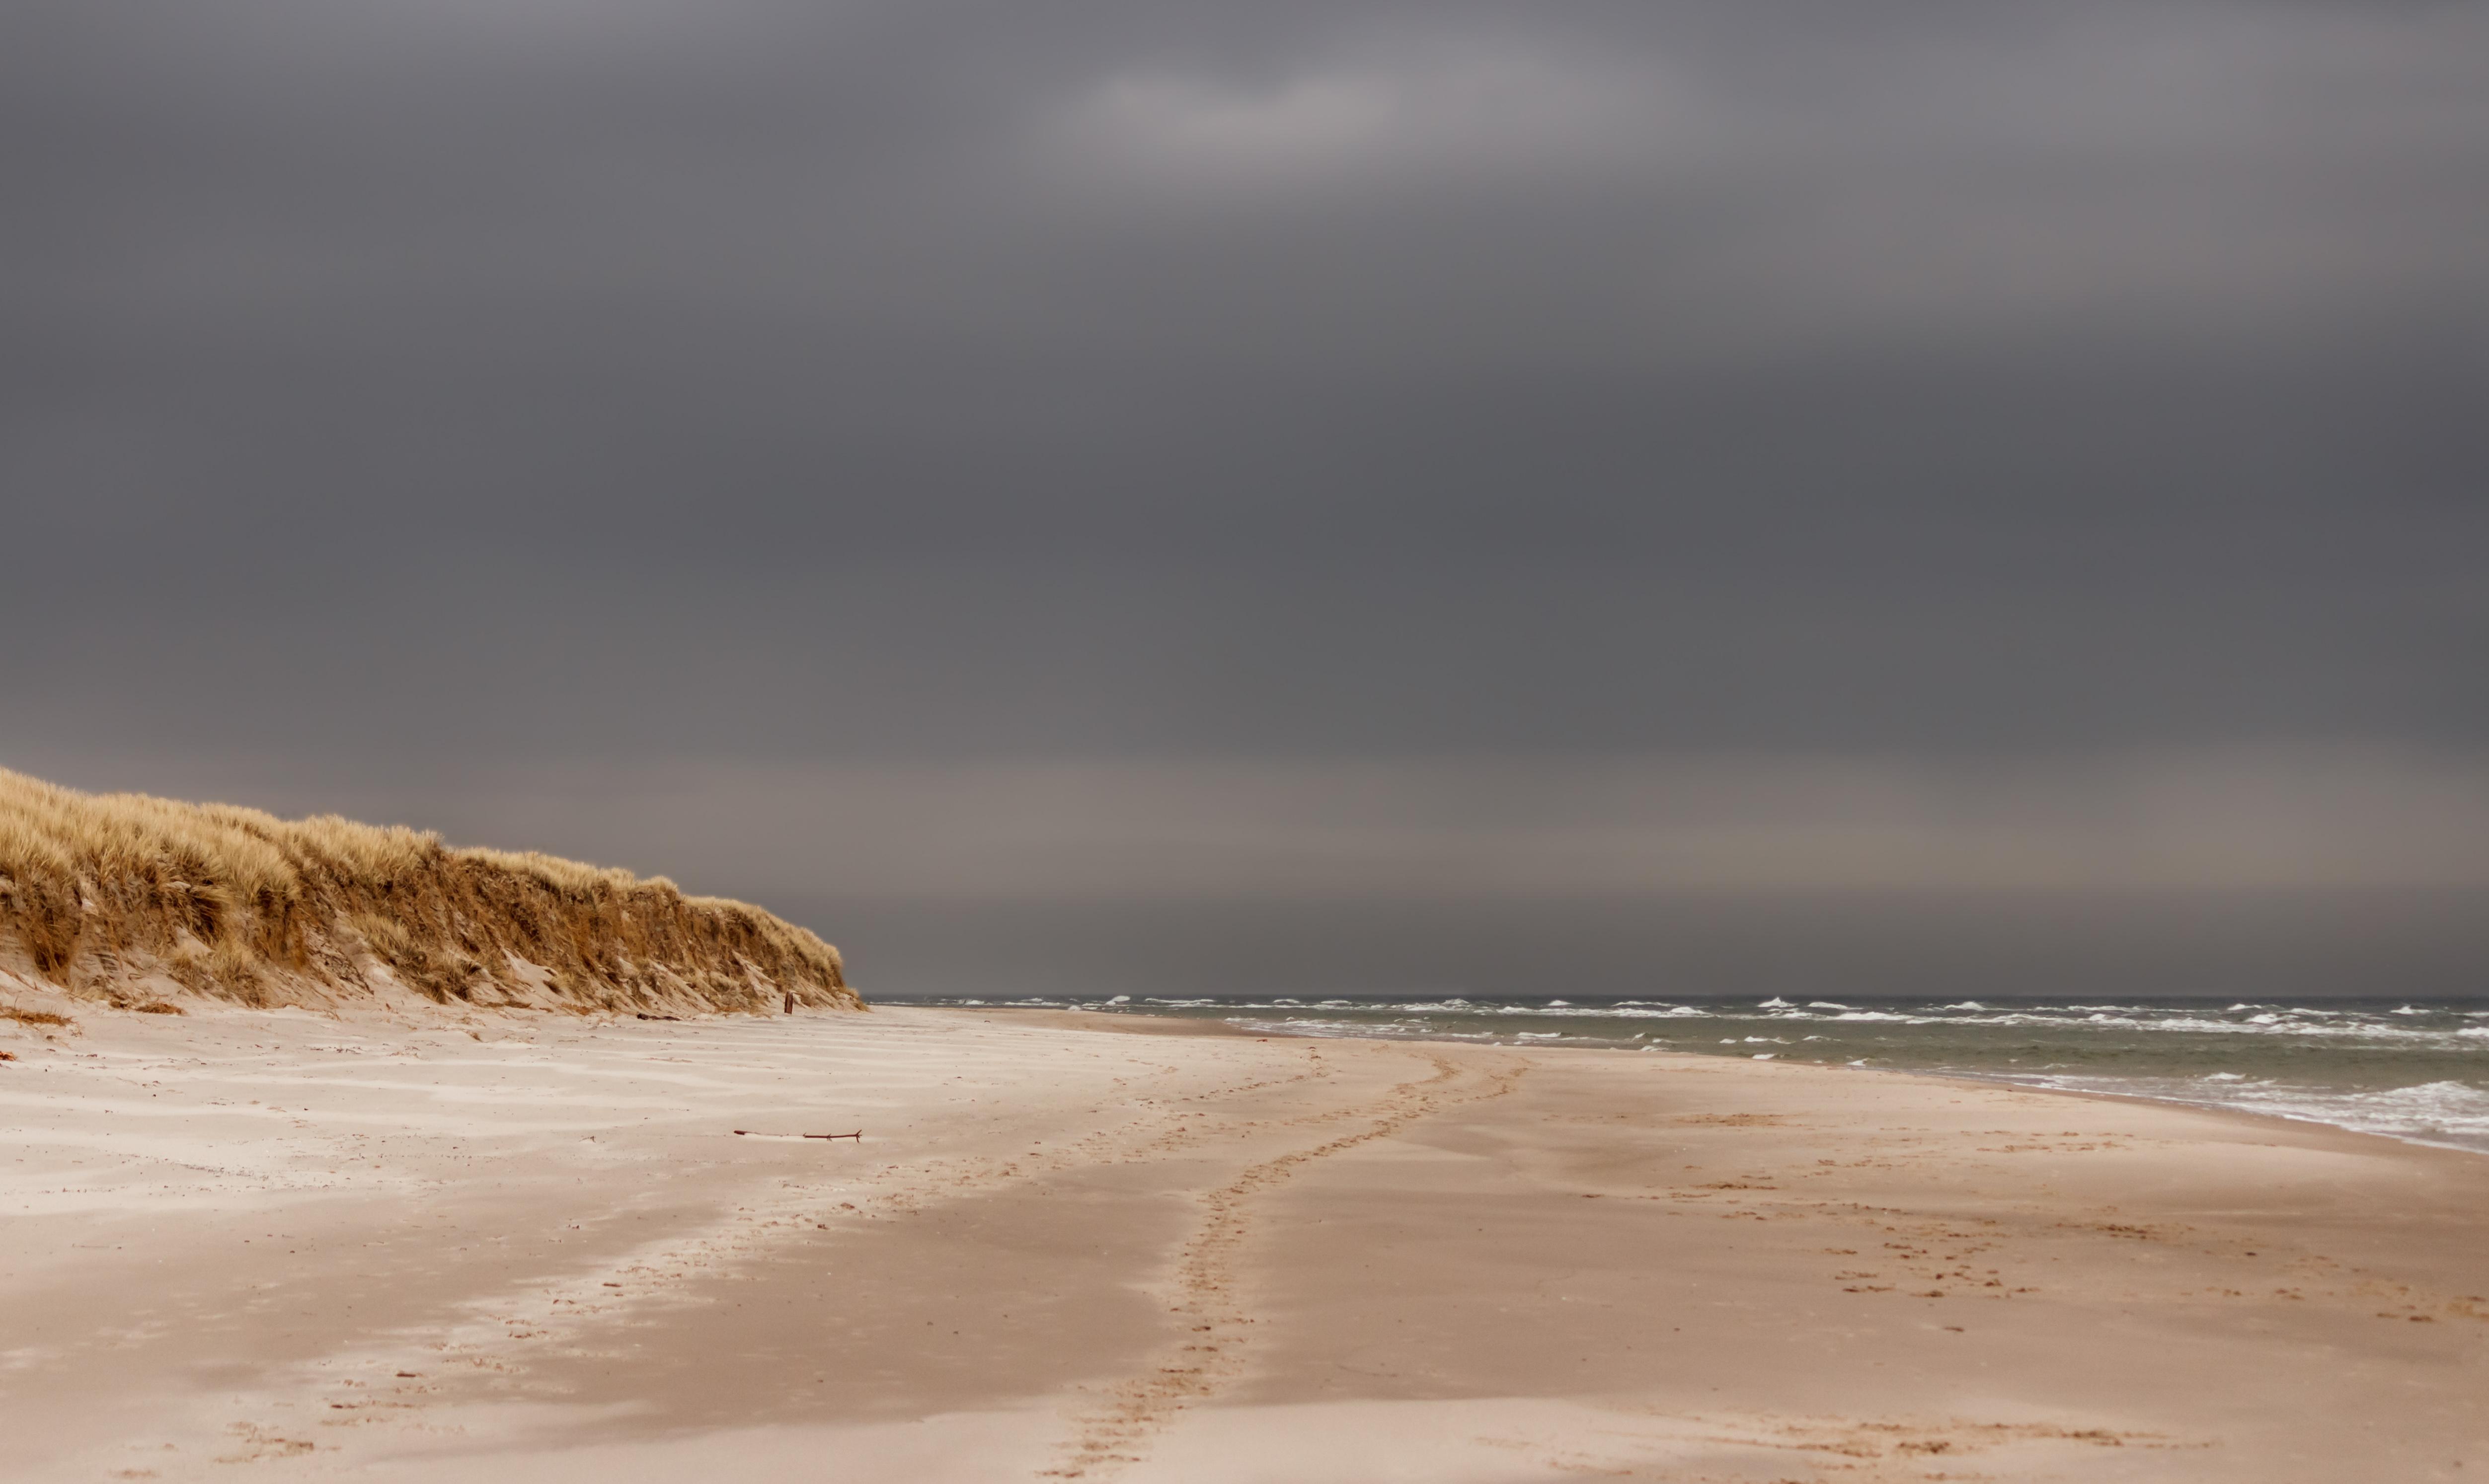 Beach_at_Sandhammaren_3_2015-03-29